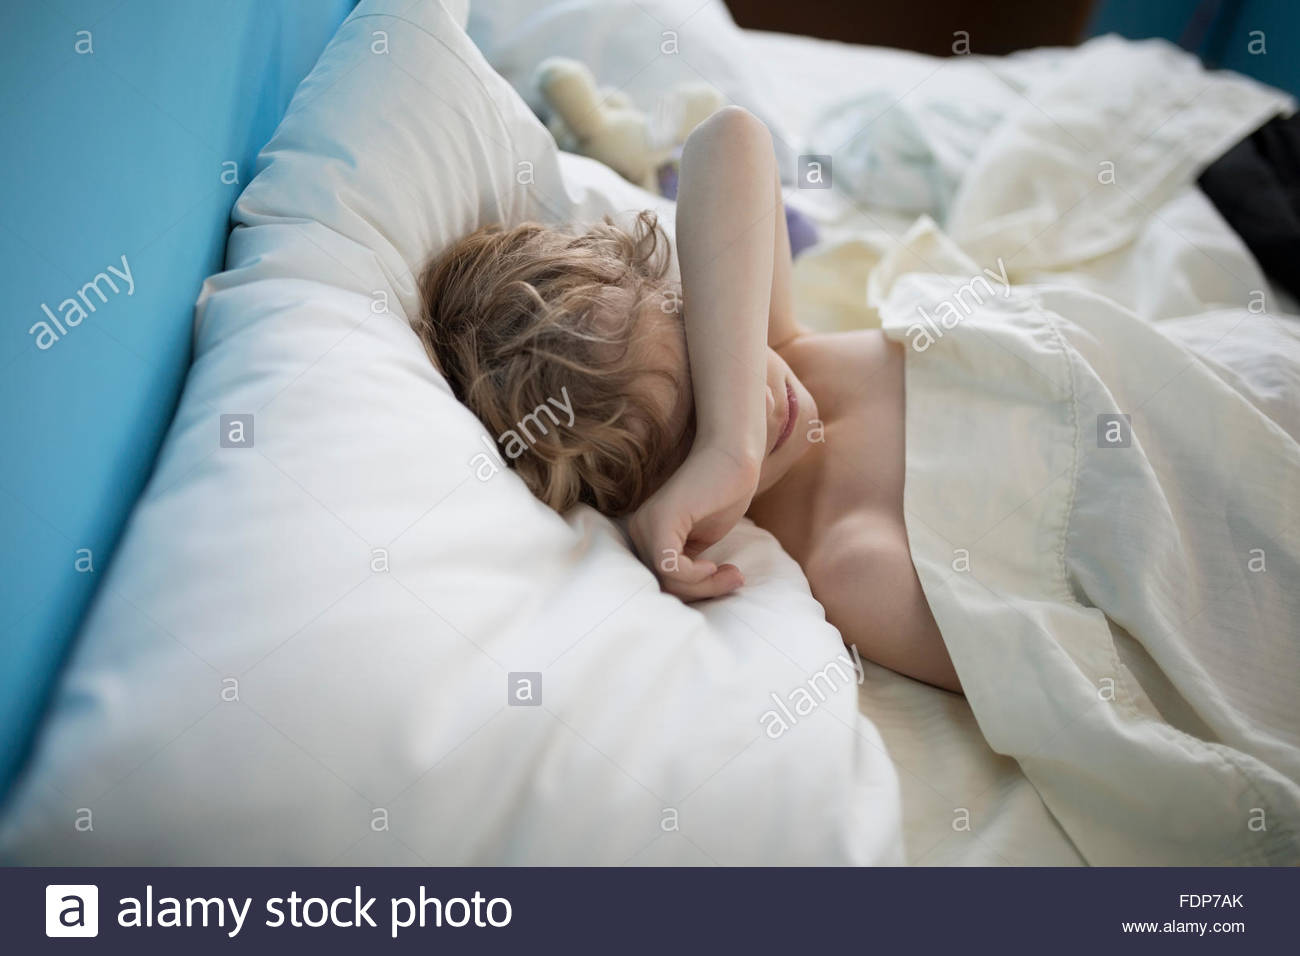 Cansado niño durmiendo con el brazo por encima de los ojos Imagen De Stock